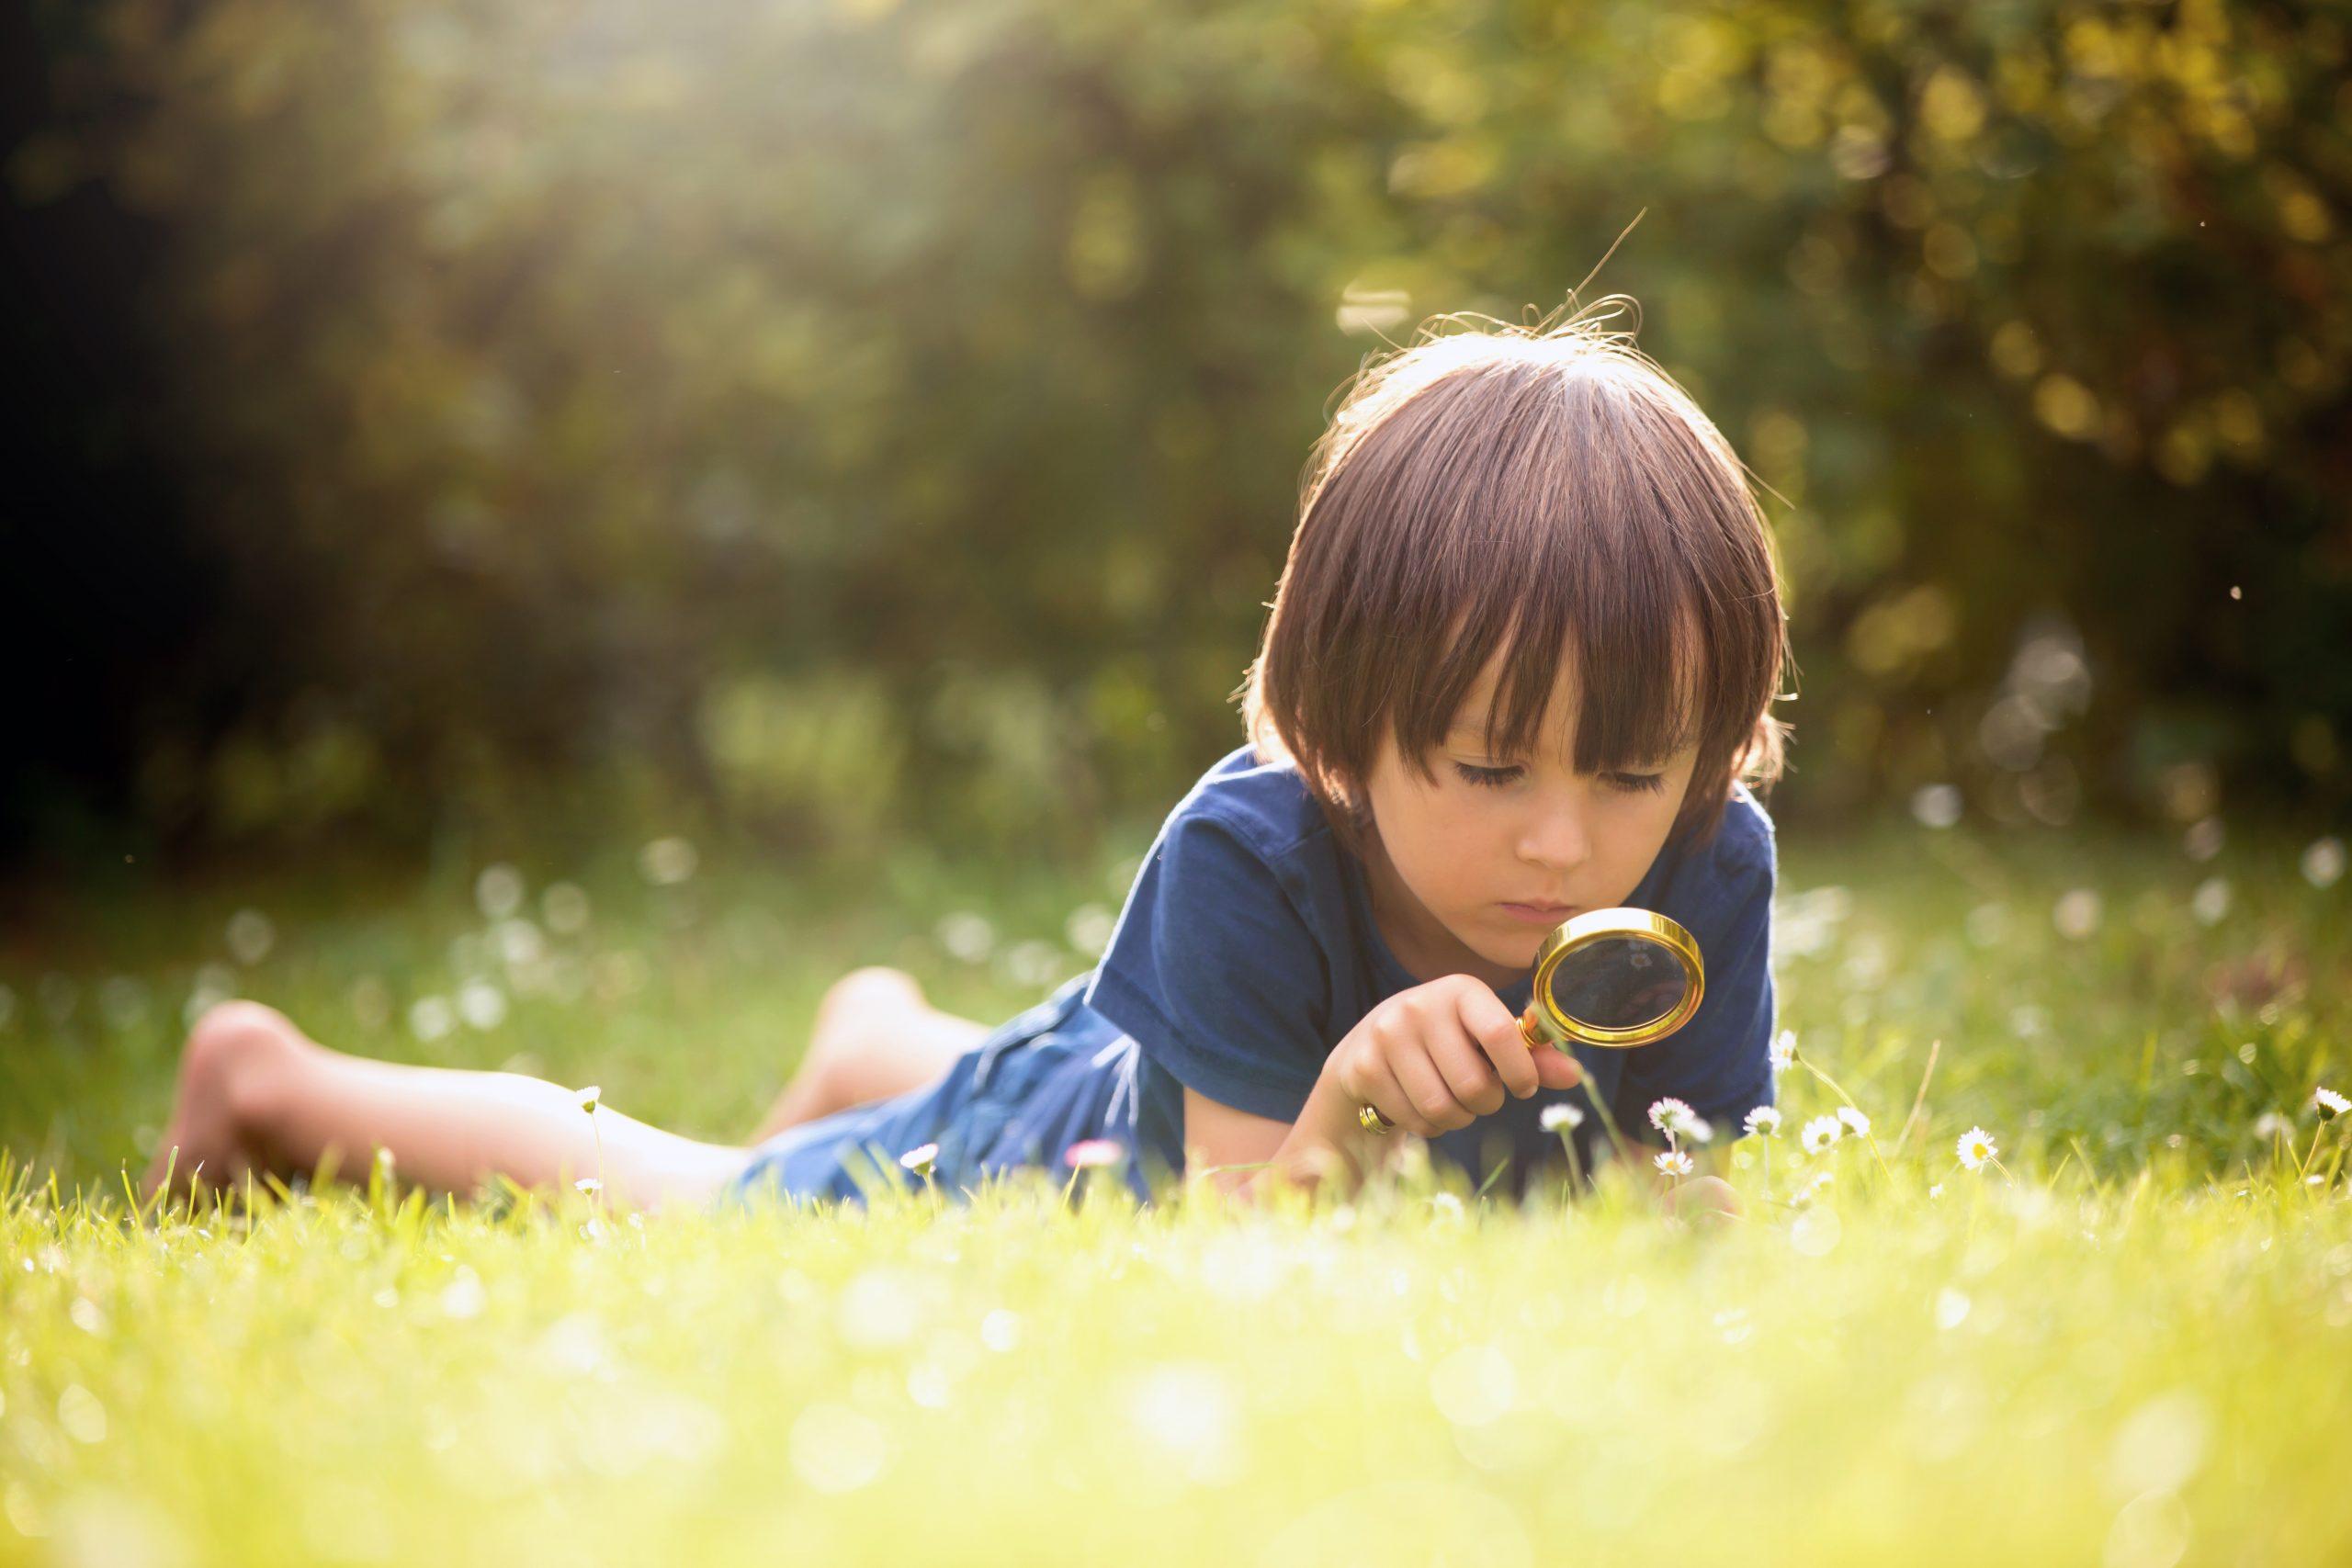 Curious Kid Focus